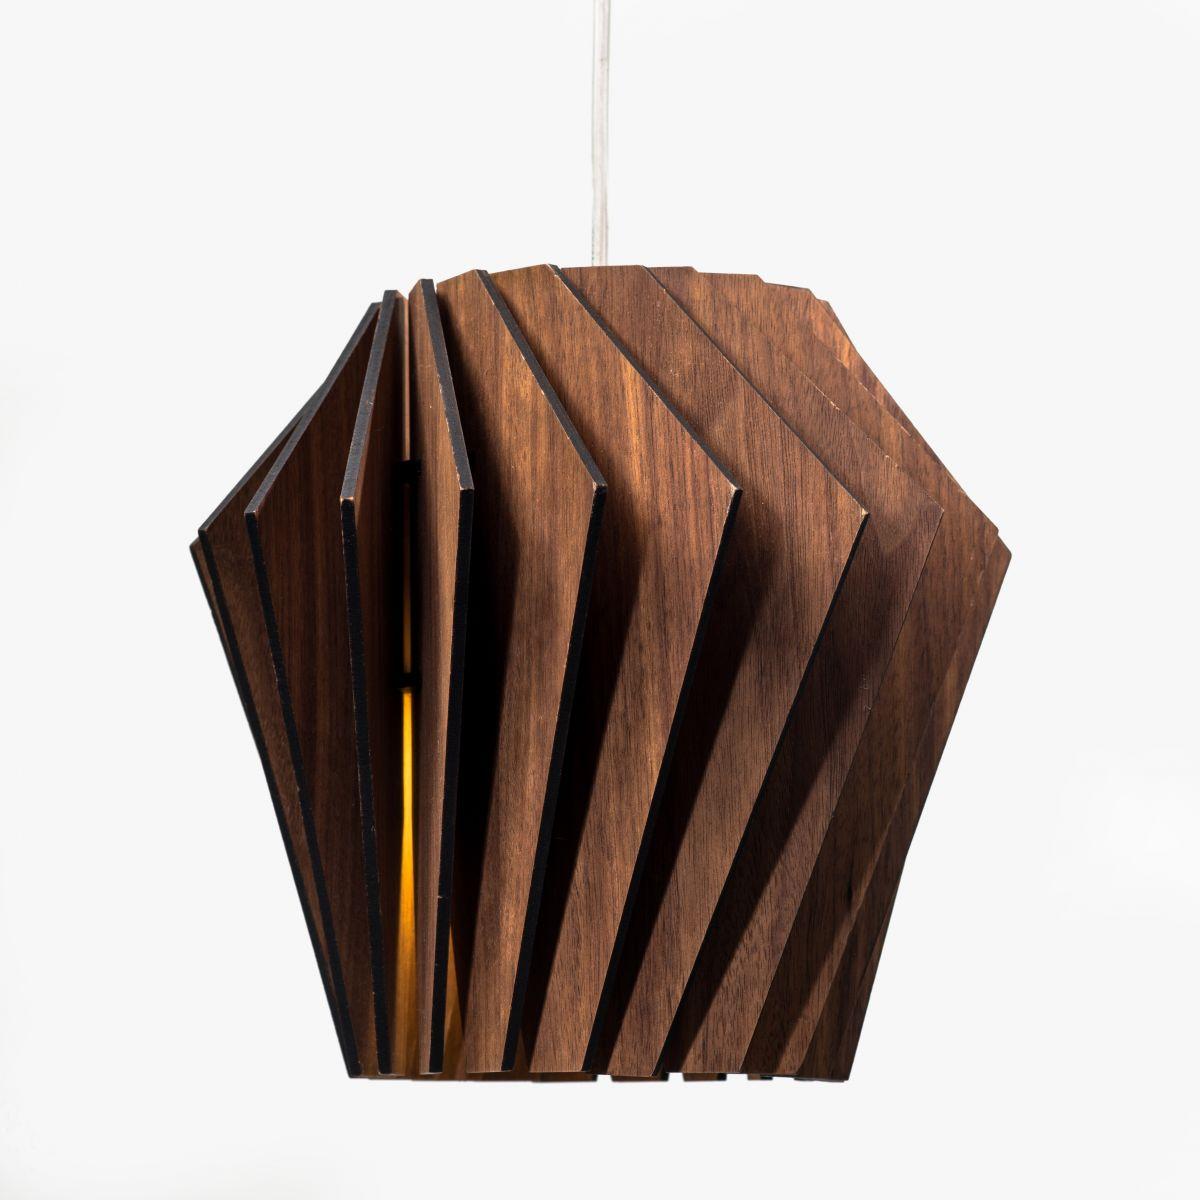 Турболампа из ореха, средняя - подвесной светильник